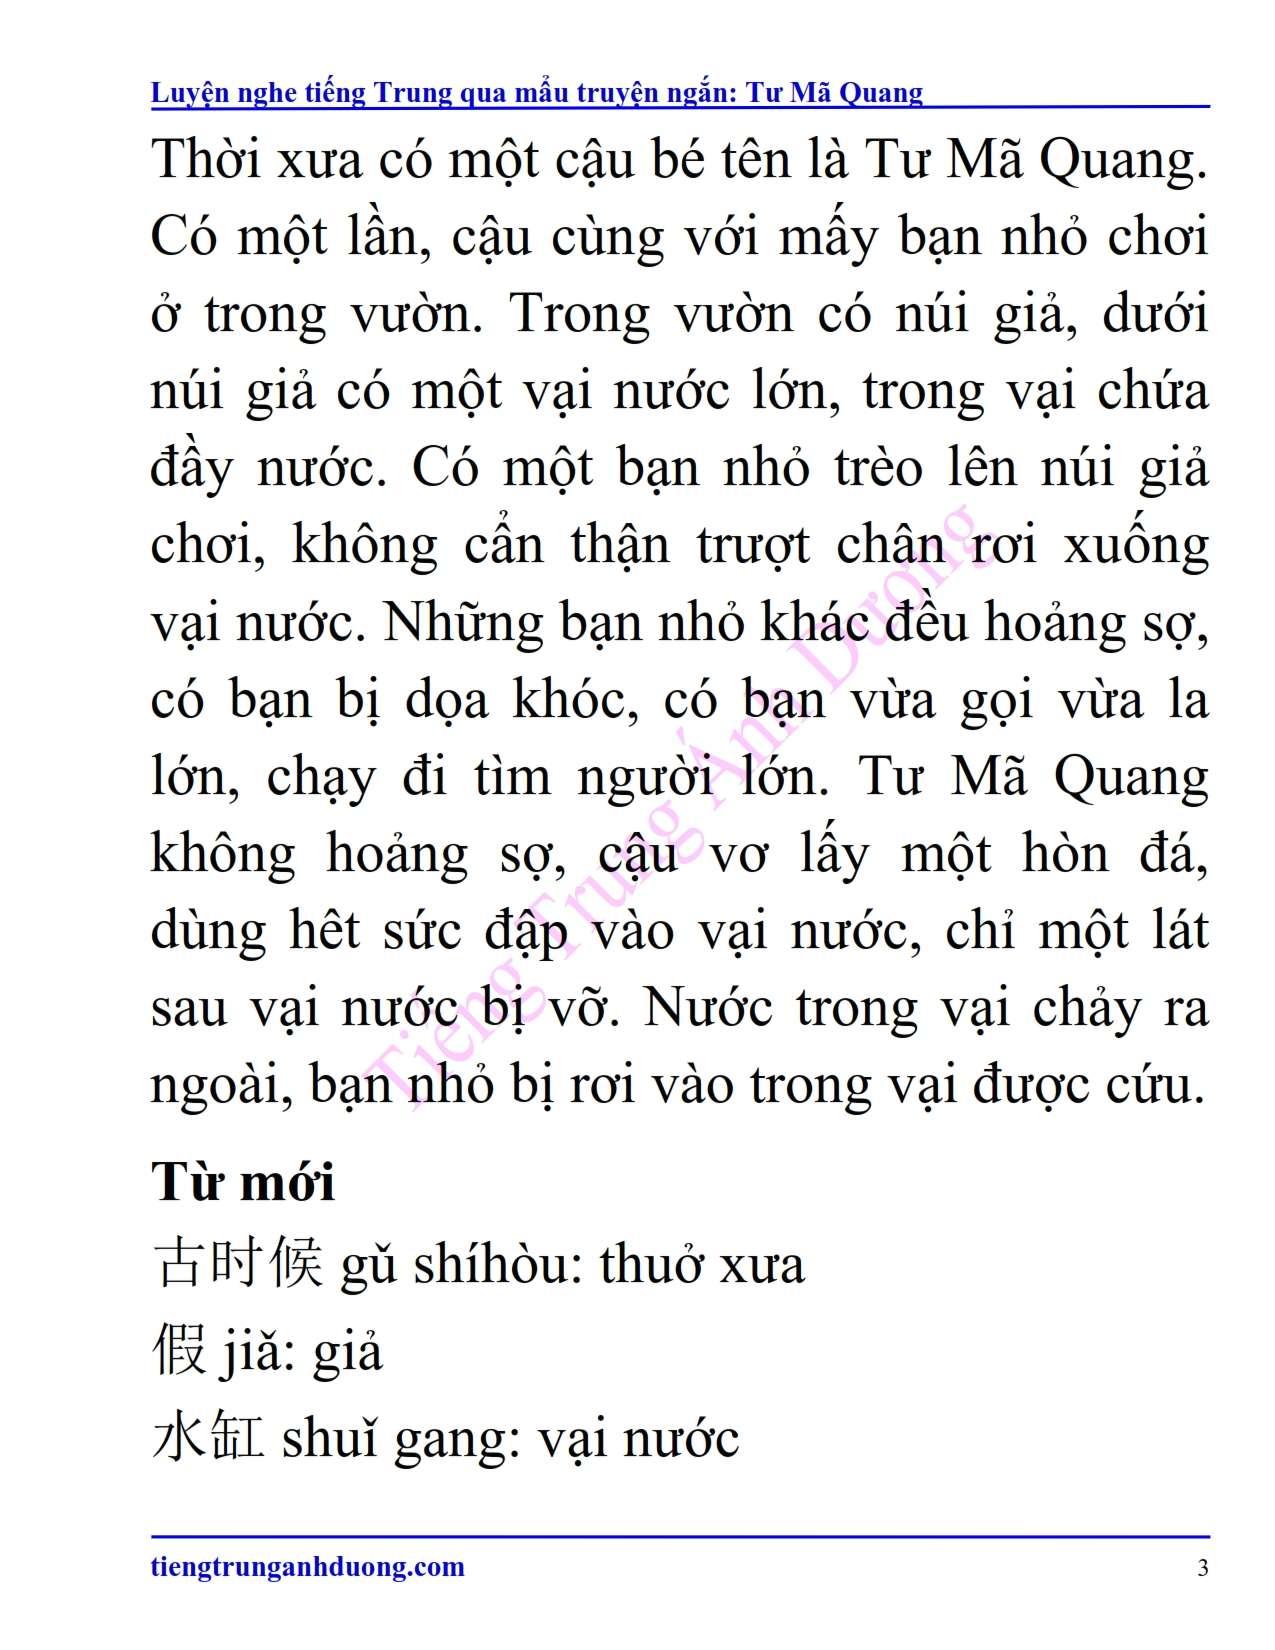 luyện nghe tiếng trung-Tư Mã Quang-003